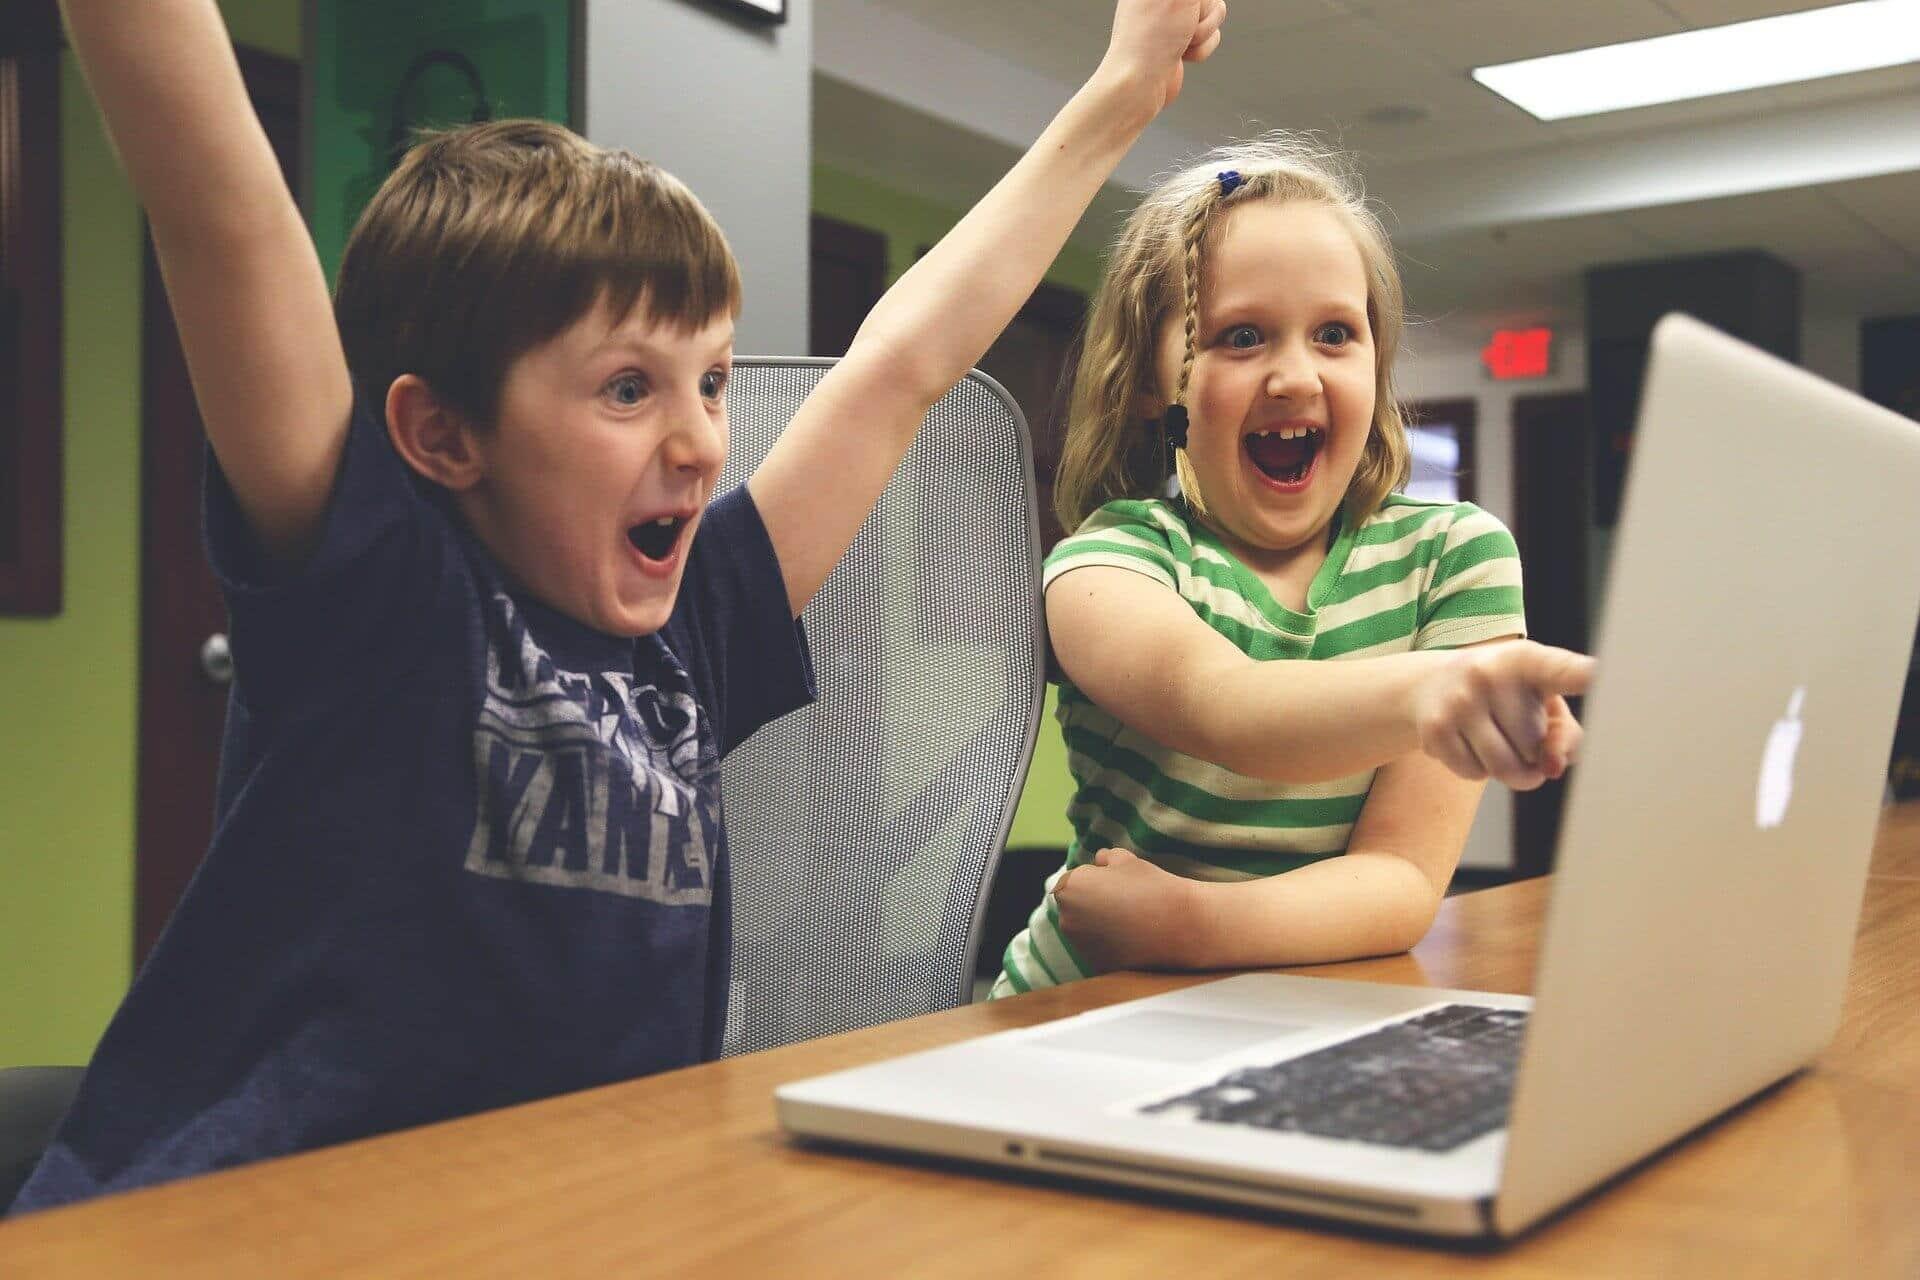 los peligros de publicar fotos de tus hijos en las redes sociales